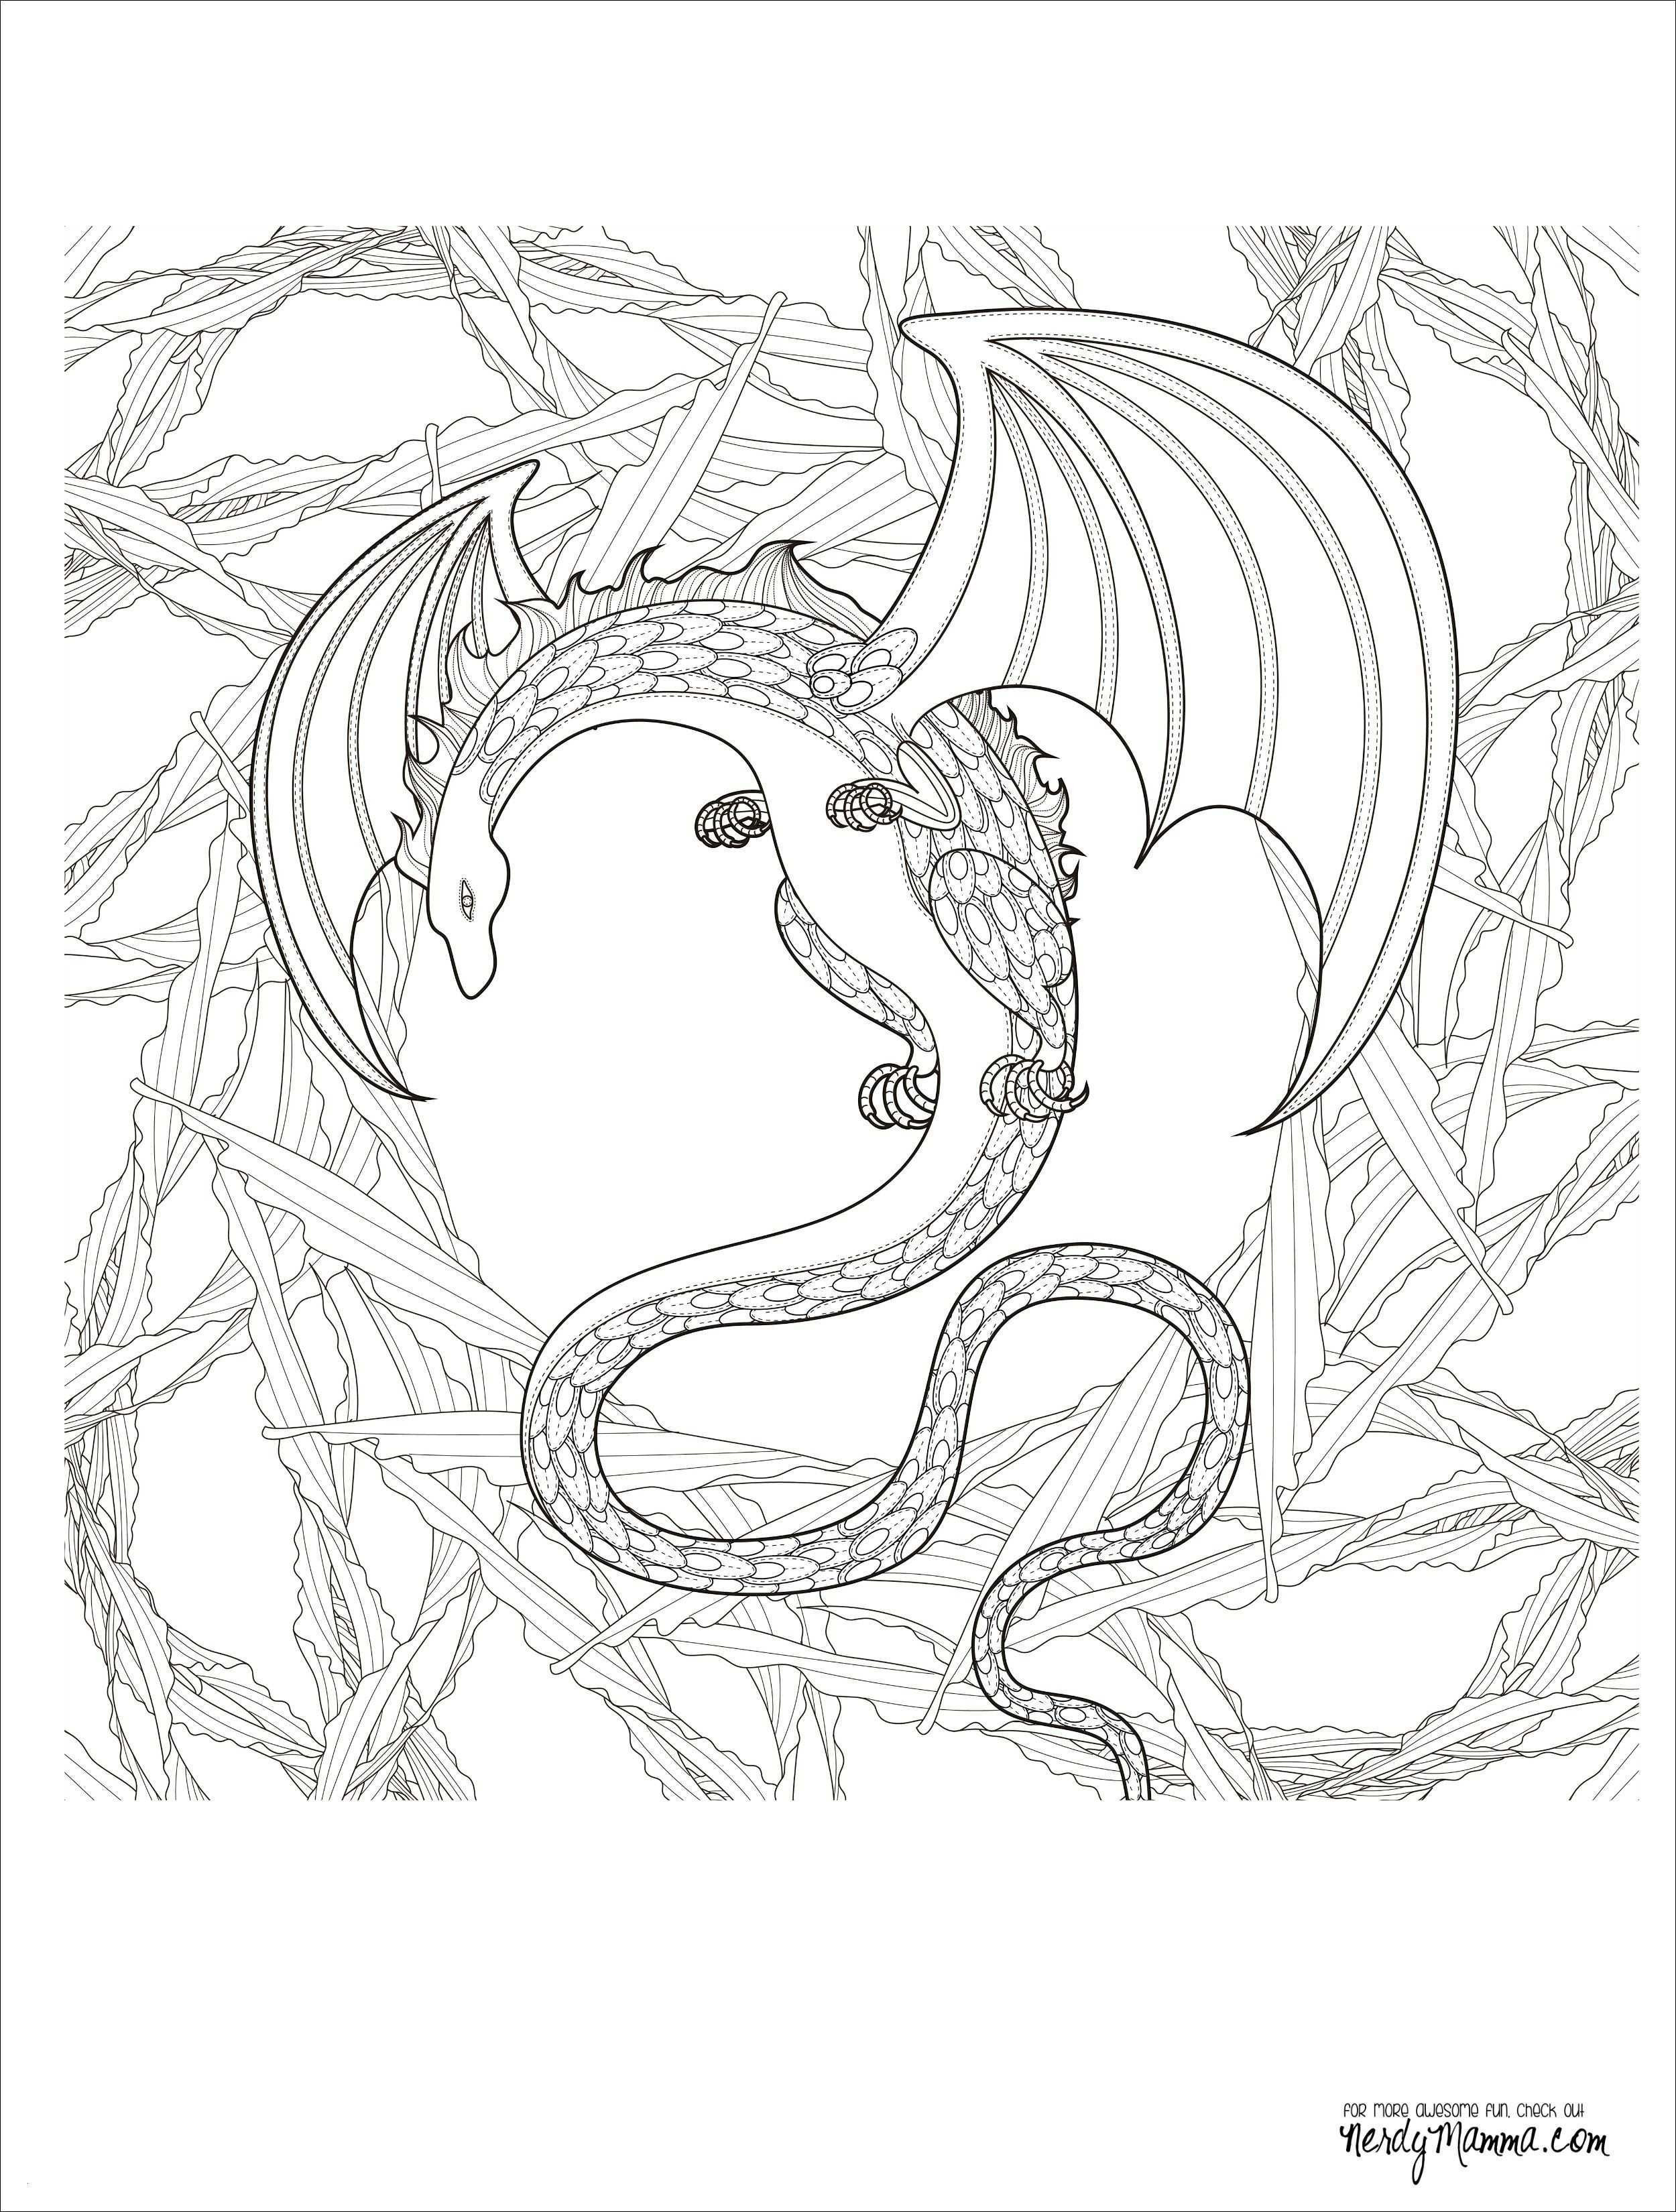 Malvorlage Baum Mit Wurzeln Genial Kahler Baum Malvorlage Aufnahme 40 Malvorlagen Herbst Baum Bild